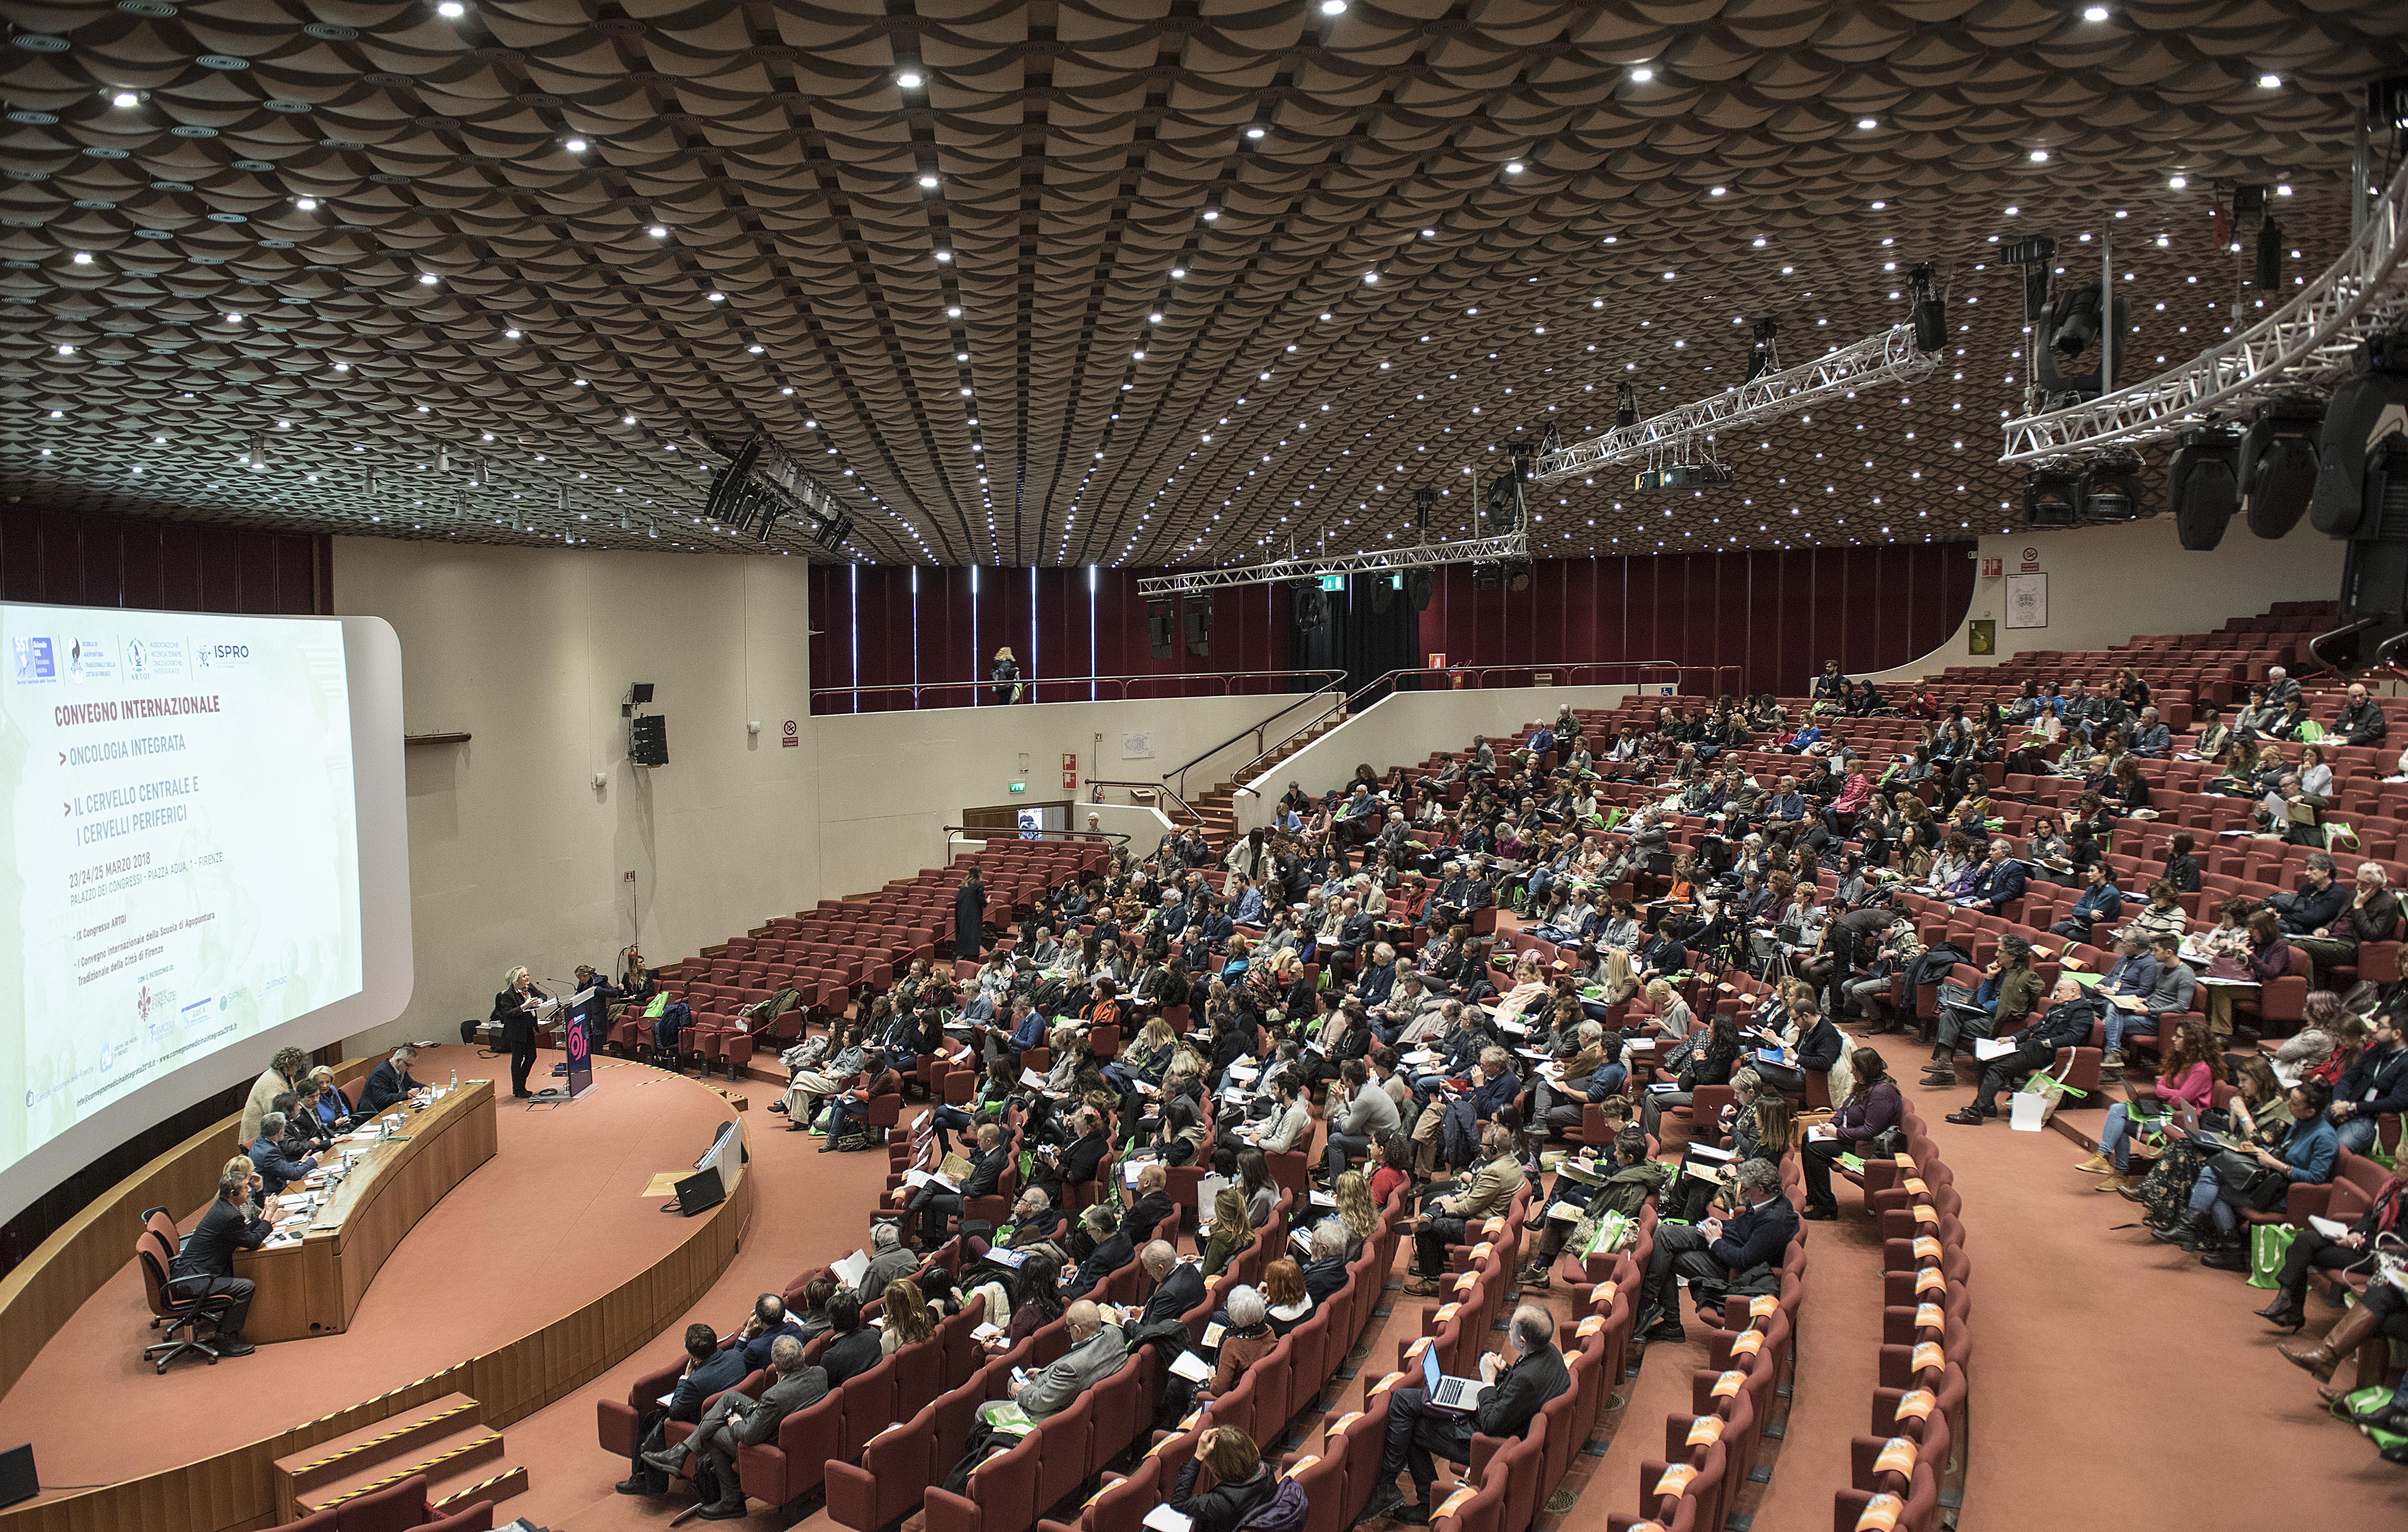 Convegno internazionale di oncologia integrata (Foto di Riccardo Calise)